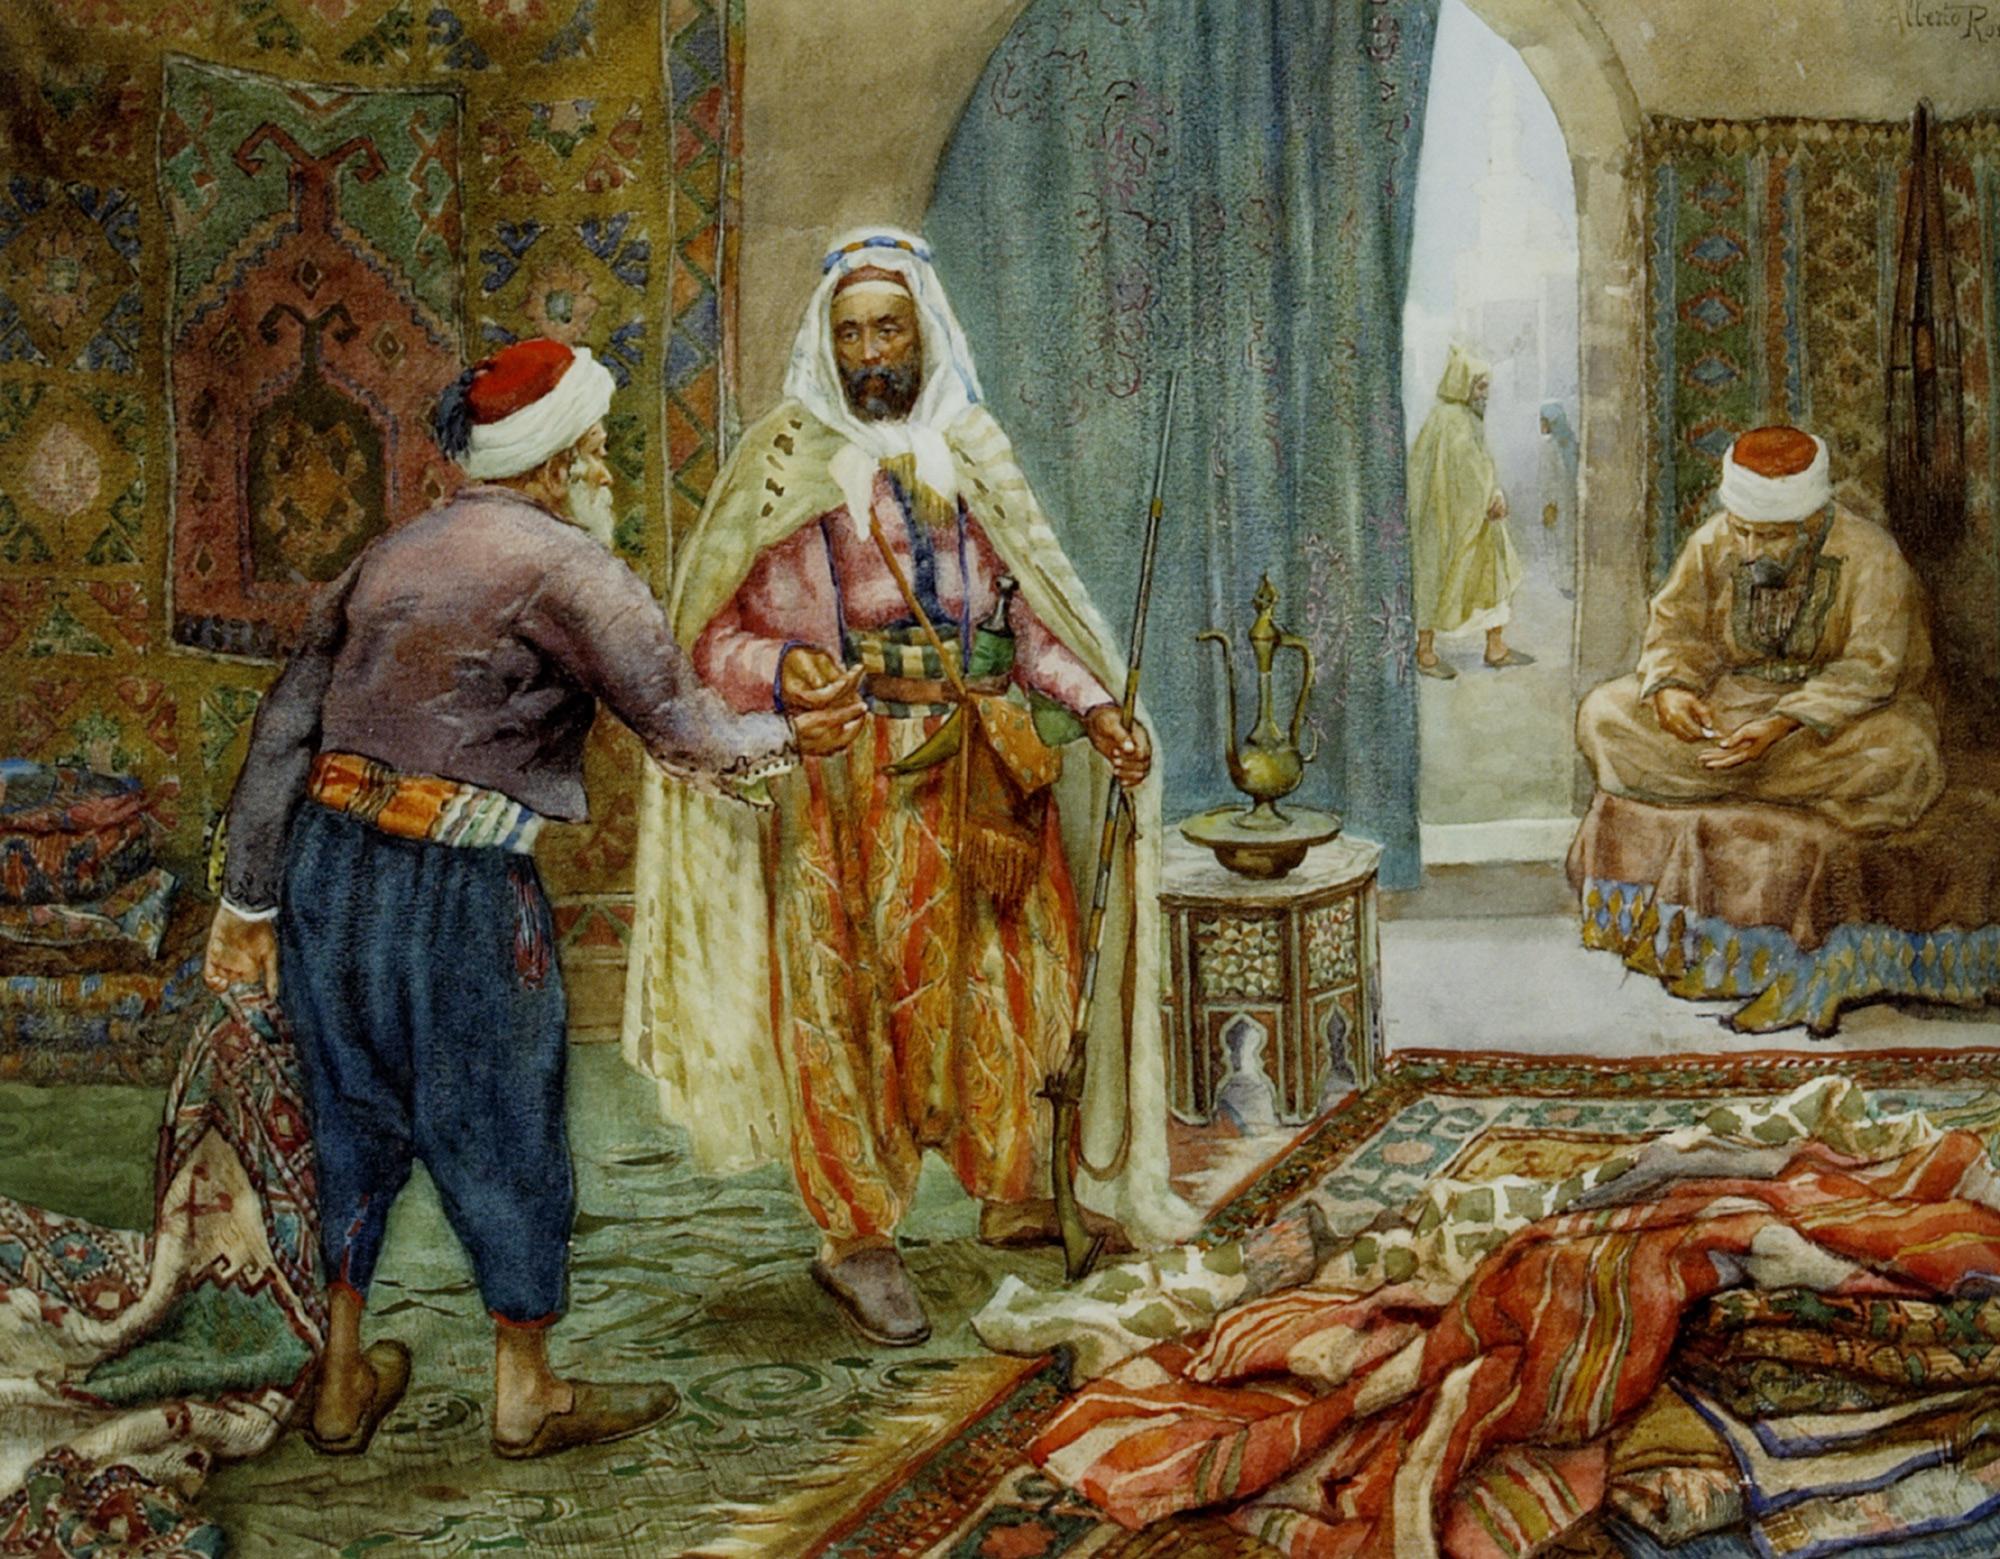 The Carpet Seller :: Alberto Rosati - scenes of Oriental life (Orientalism) in art and painting ôîòî